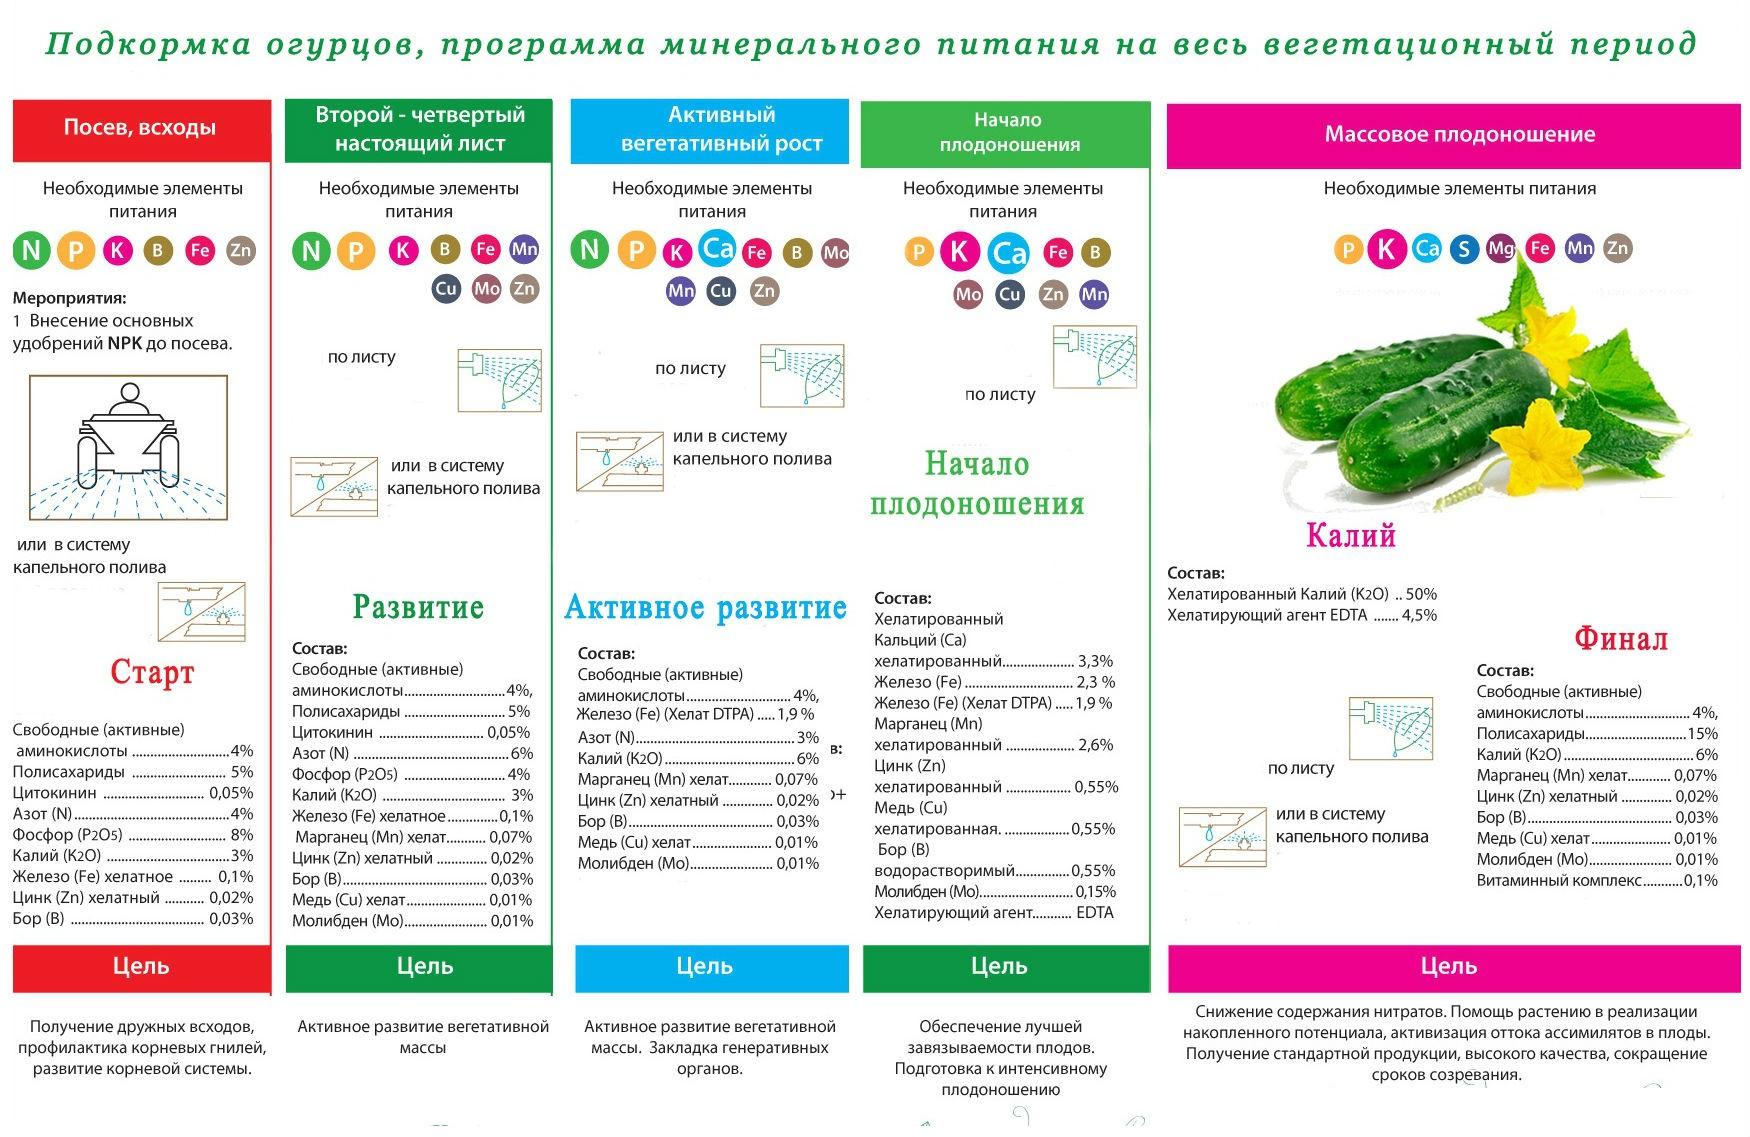 podkormka-ogurtsov-foto-video-chem-i-kak-udobryat-ogurtsy-4